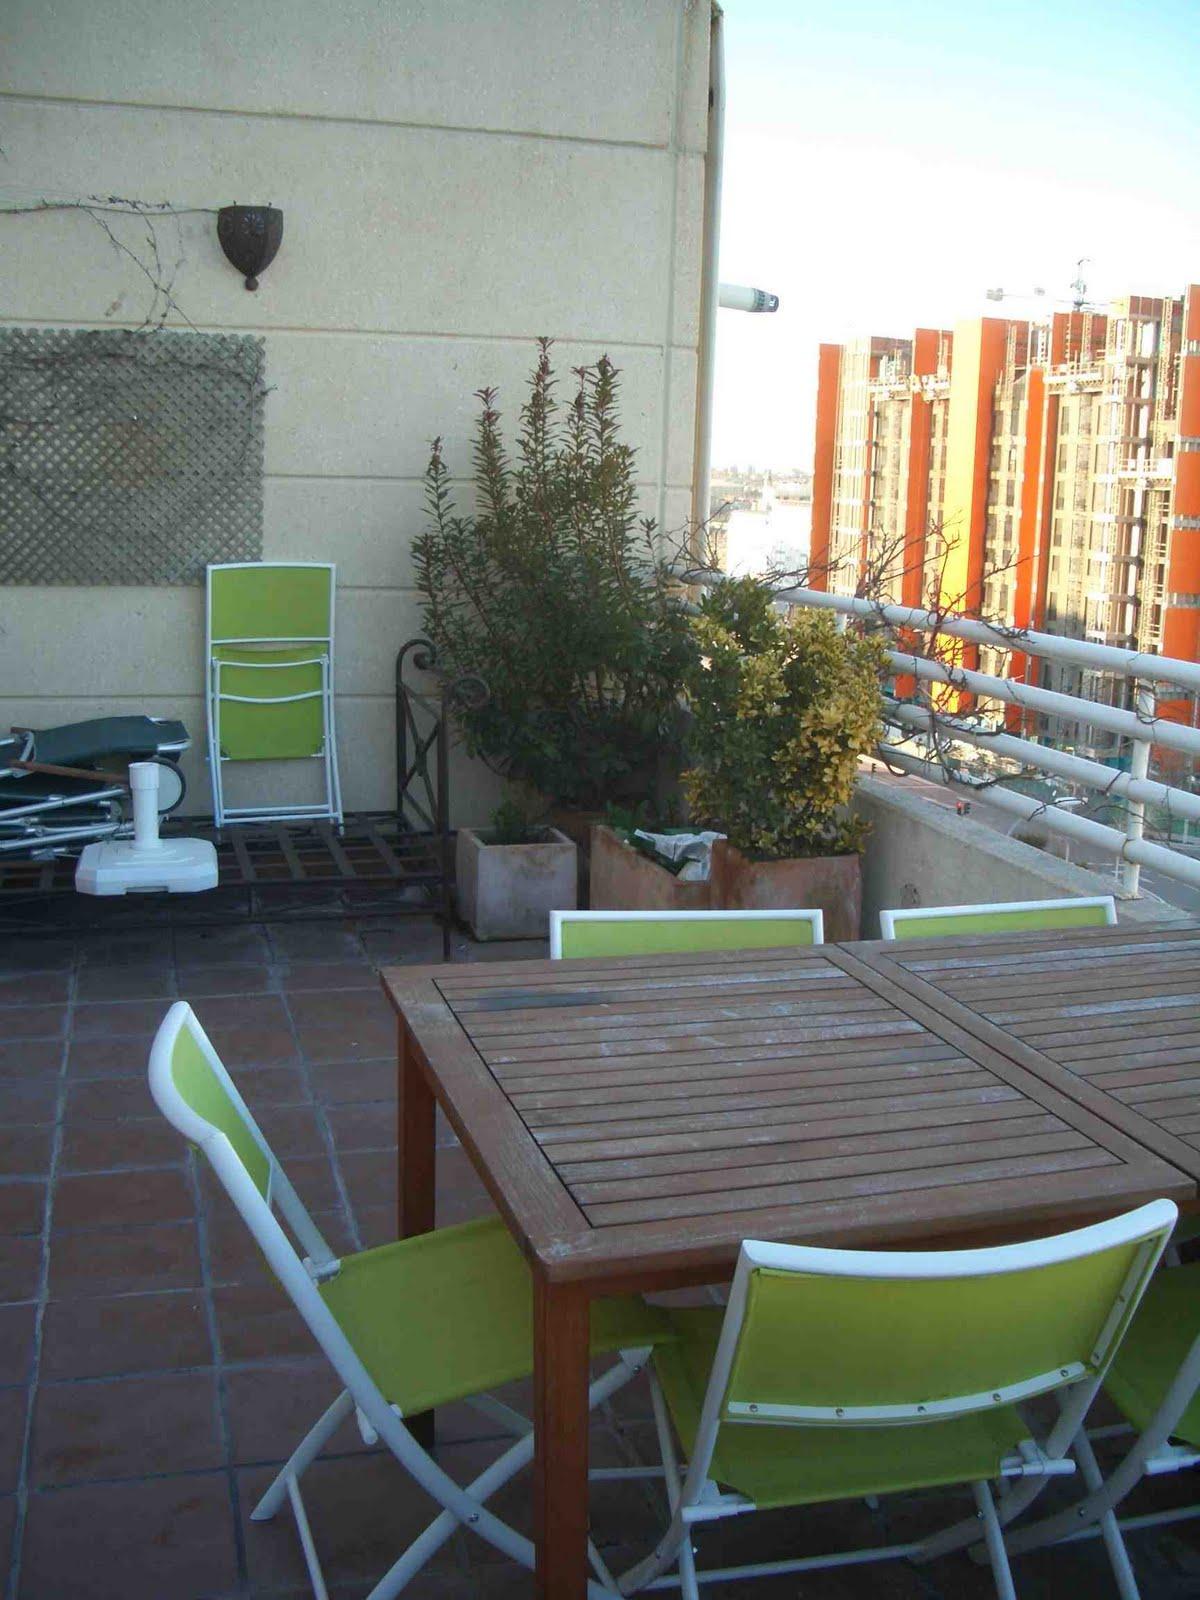 T preguntas ideas para cambiar el suelo de la terraza for Baldosas para terrazas